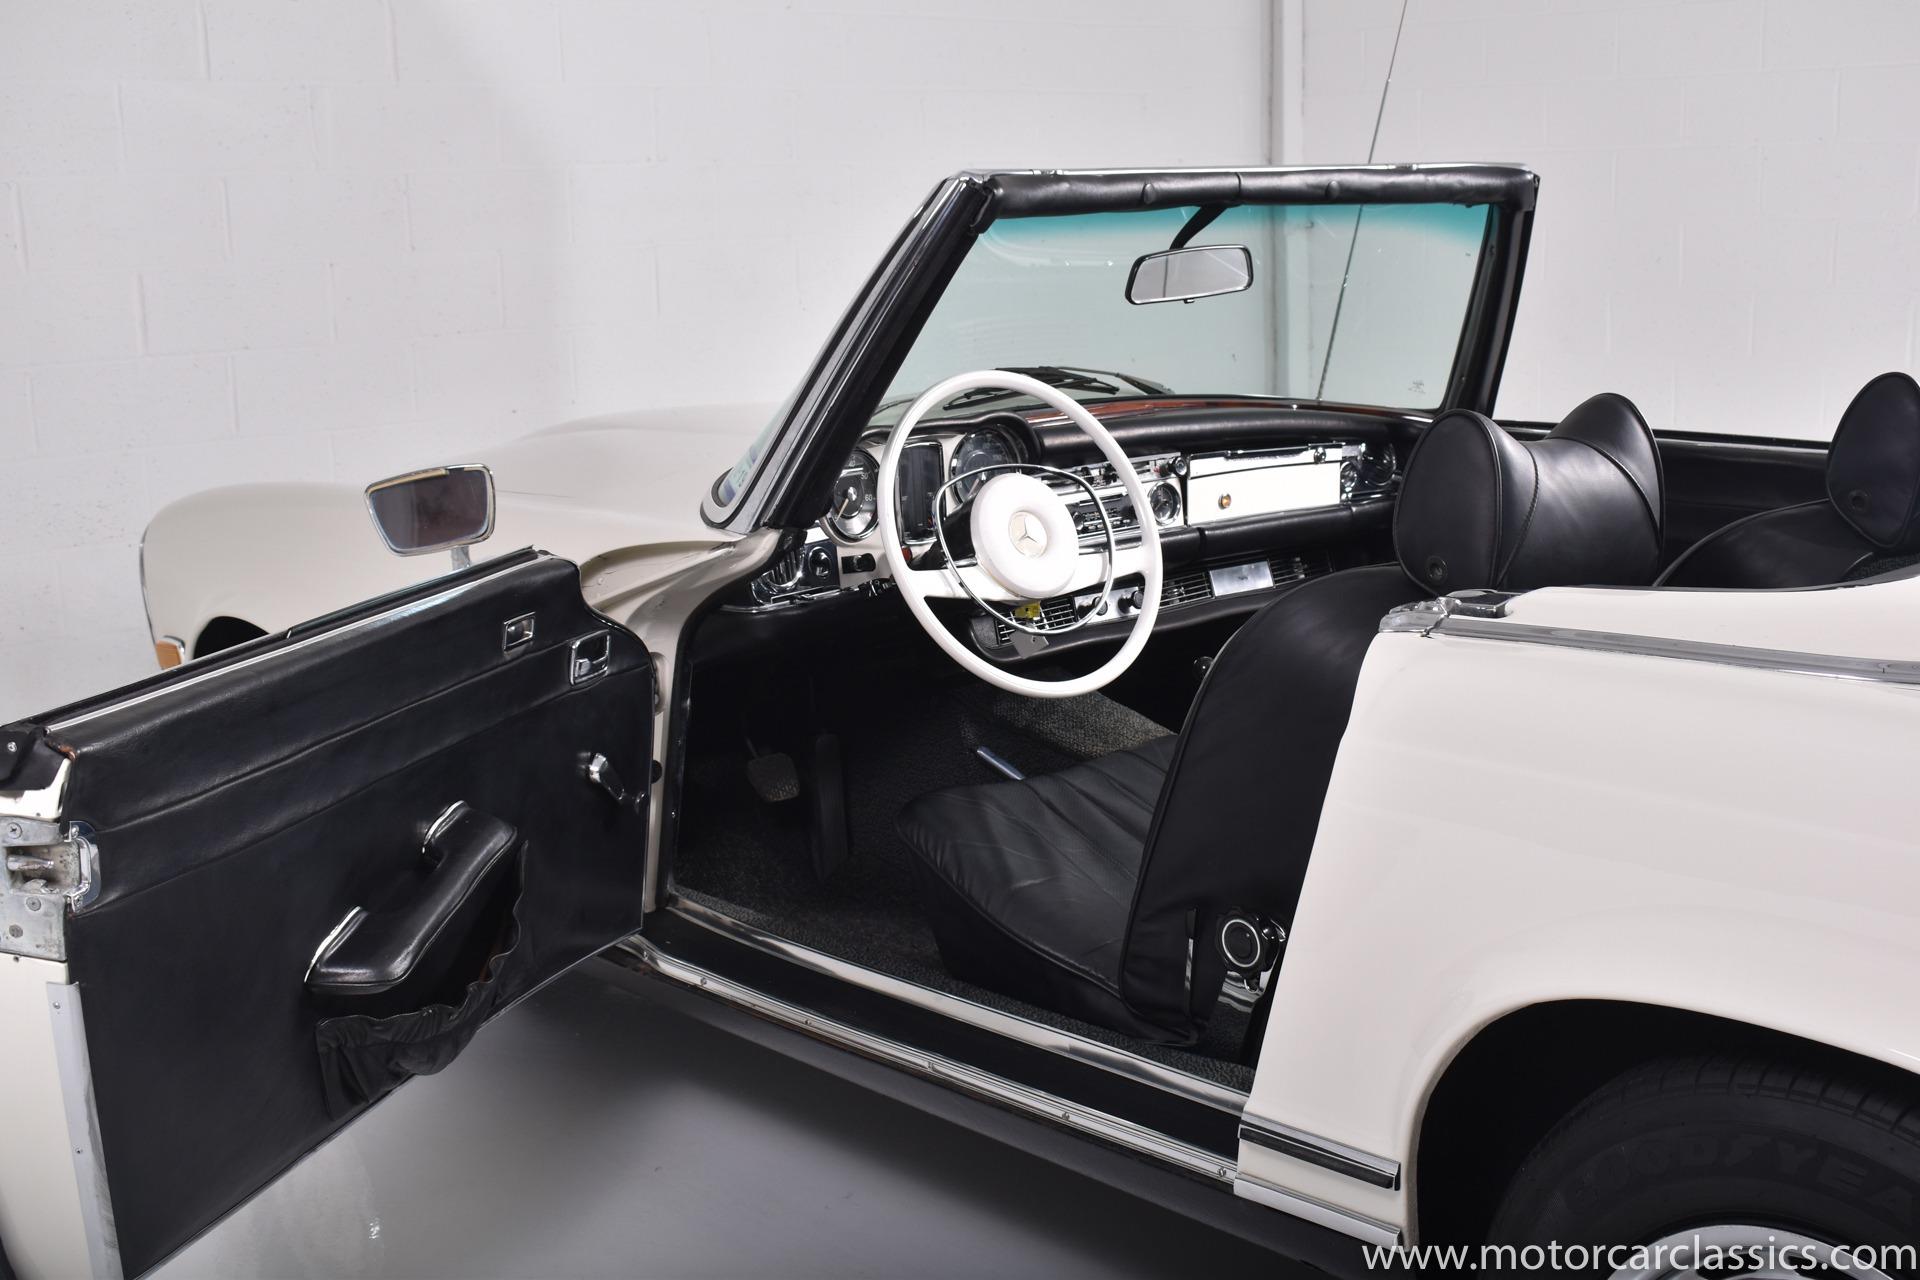 1970 Mercedes-Benz SL-CLASS 280SL